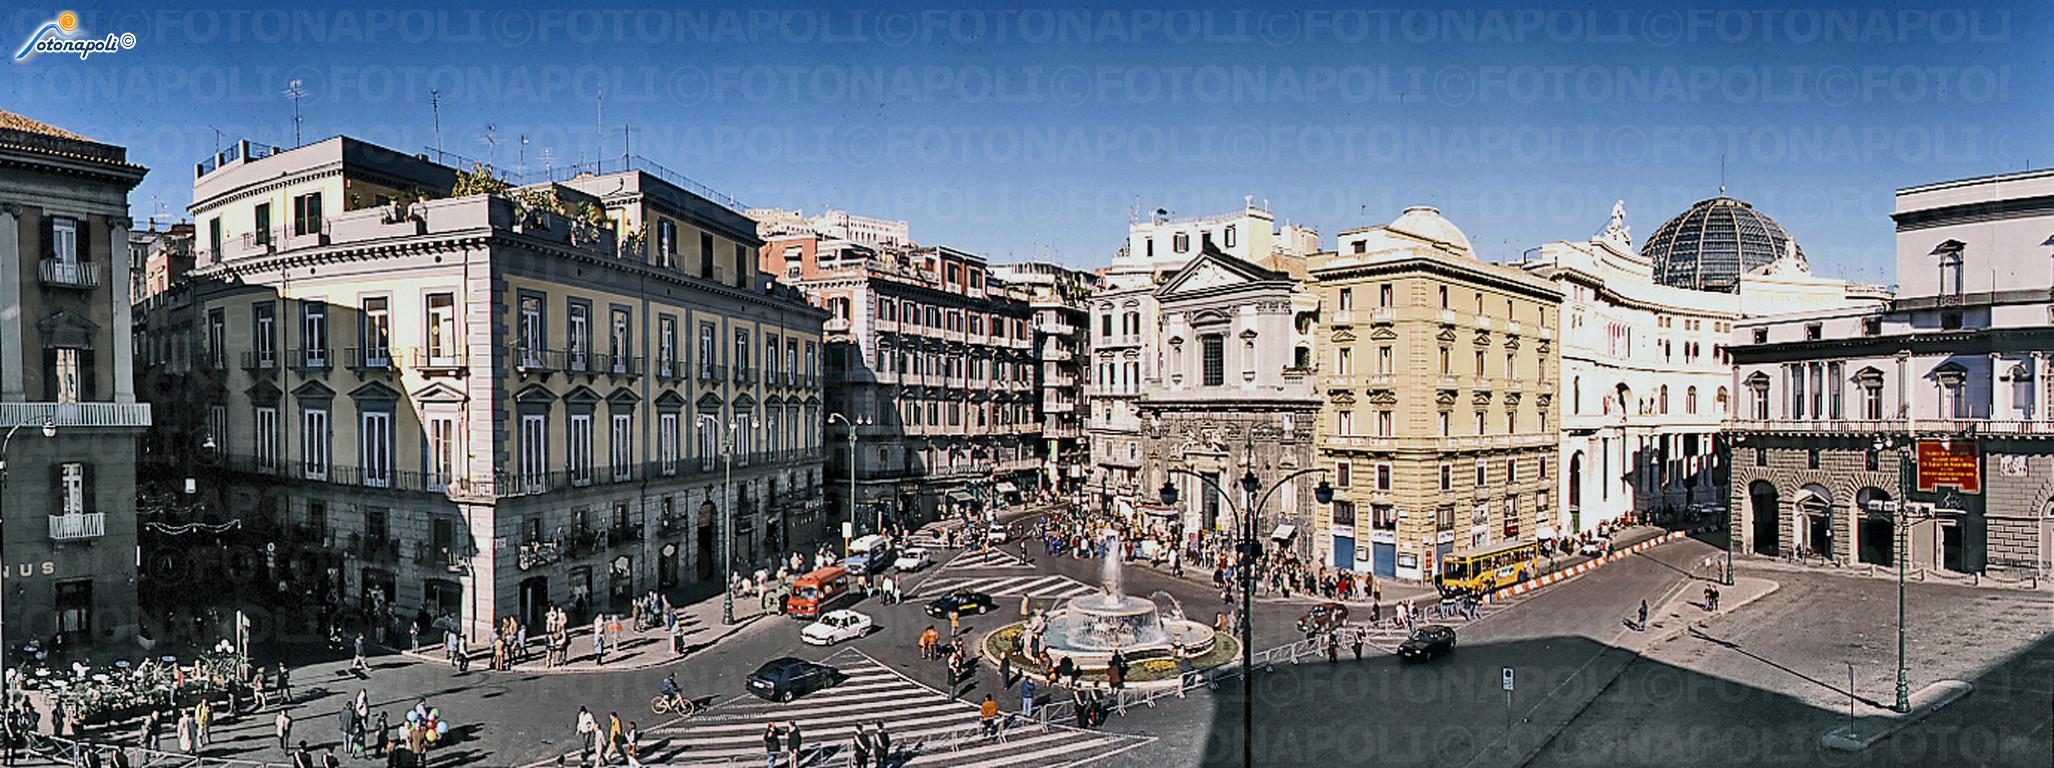 Come arrivare a Napoli - Napoli Turistica